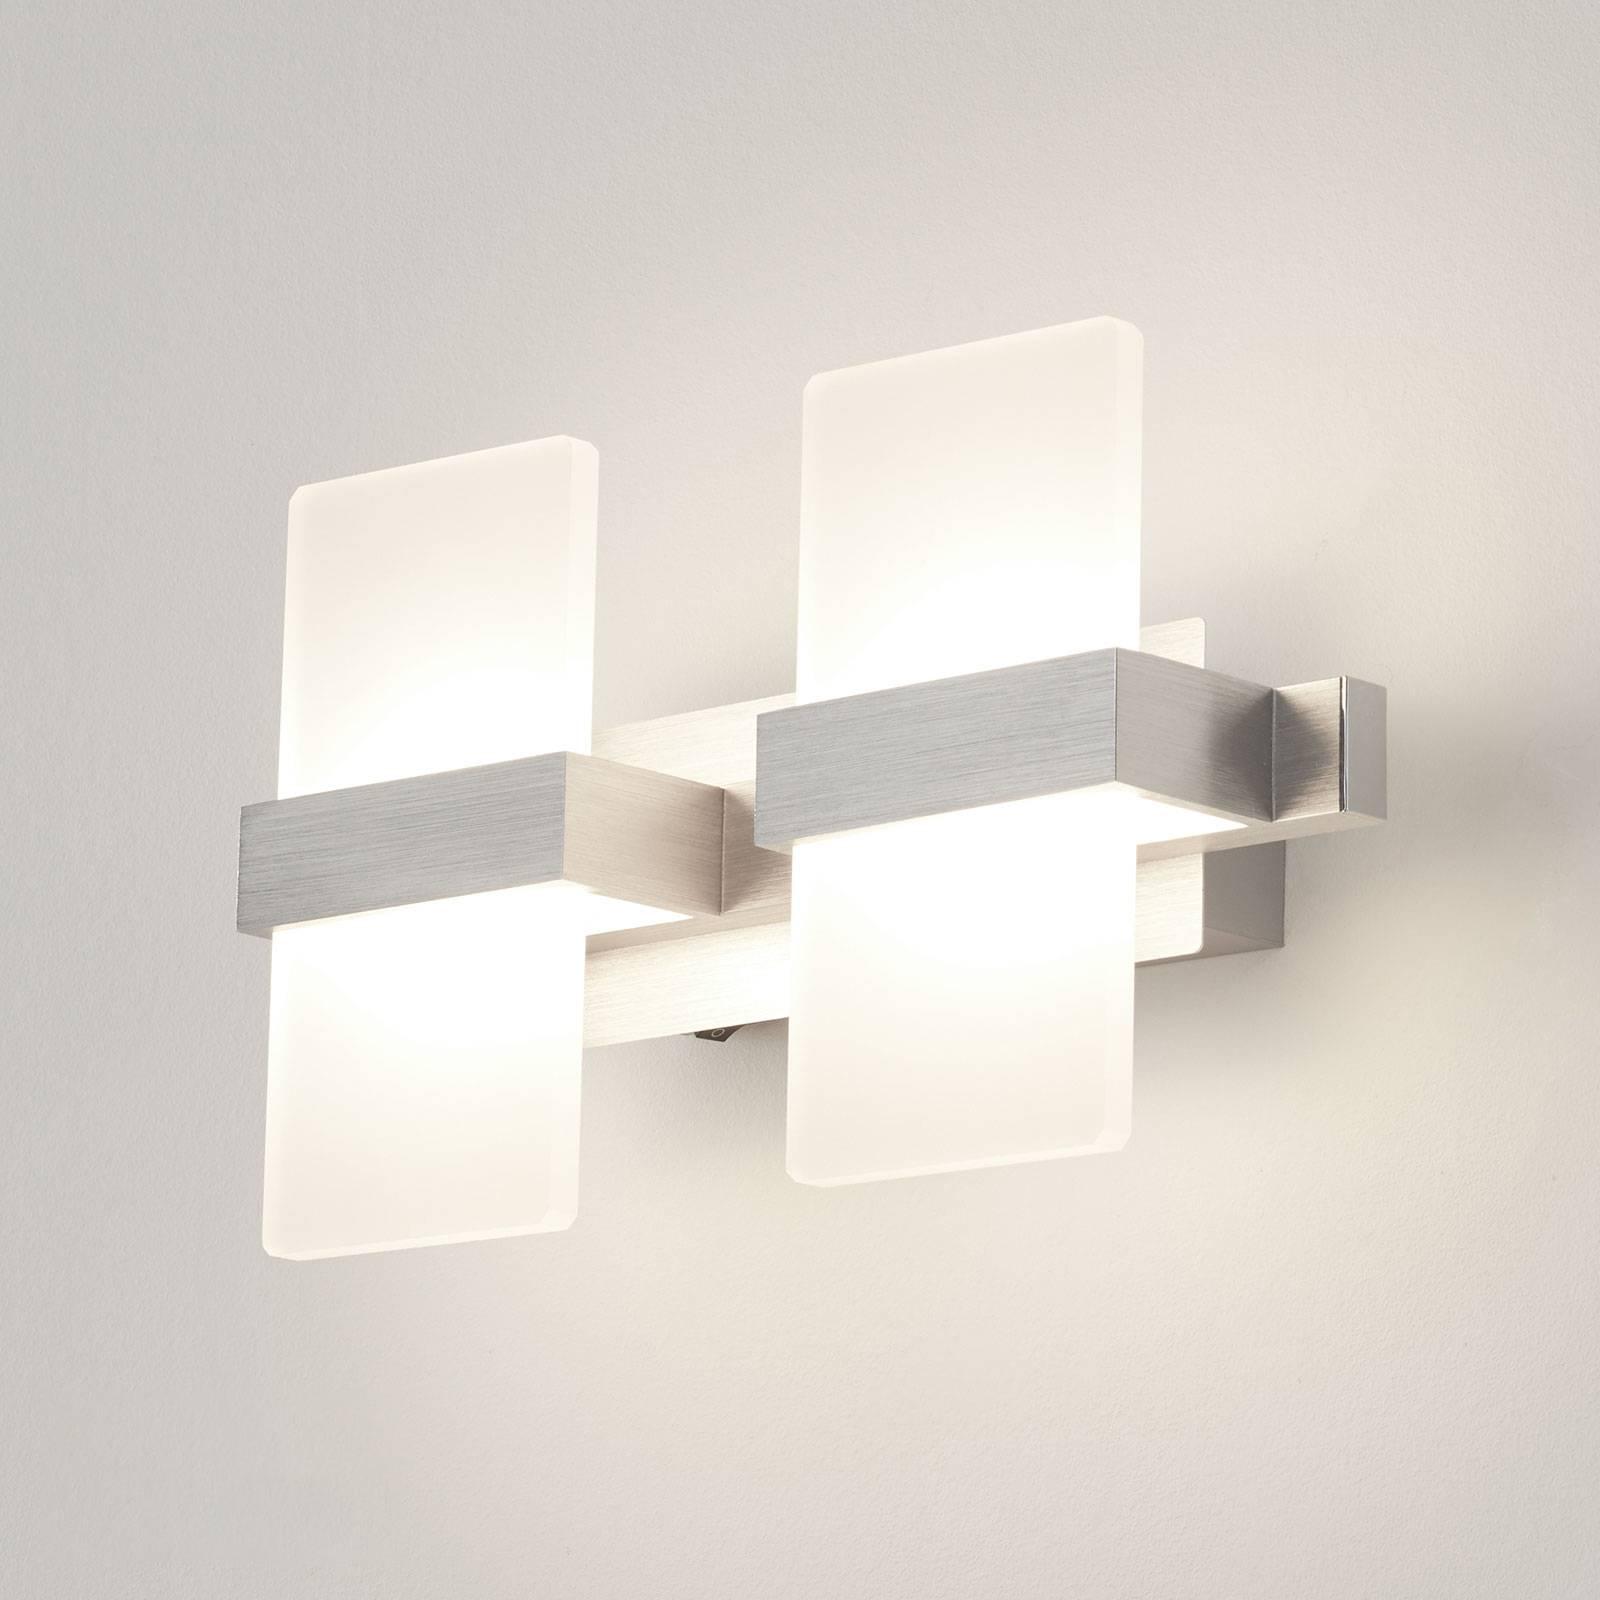 45 cm LED-Wandleuchte 4x 4,5Watt Trio-Leuchten Glas teilsatiniert